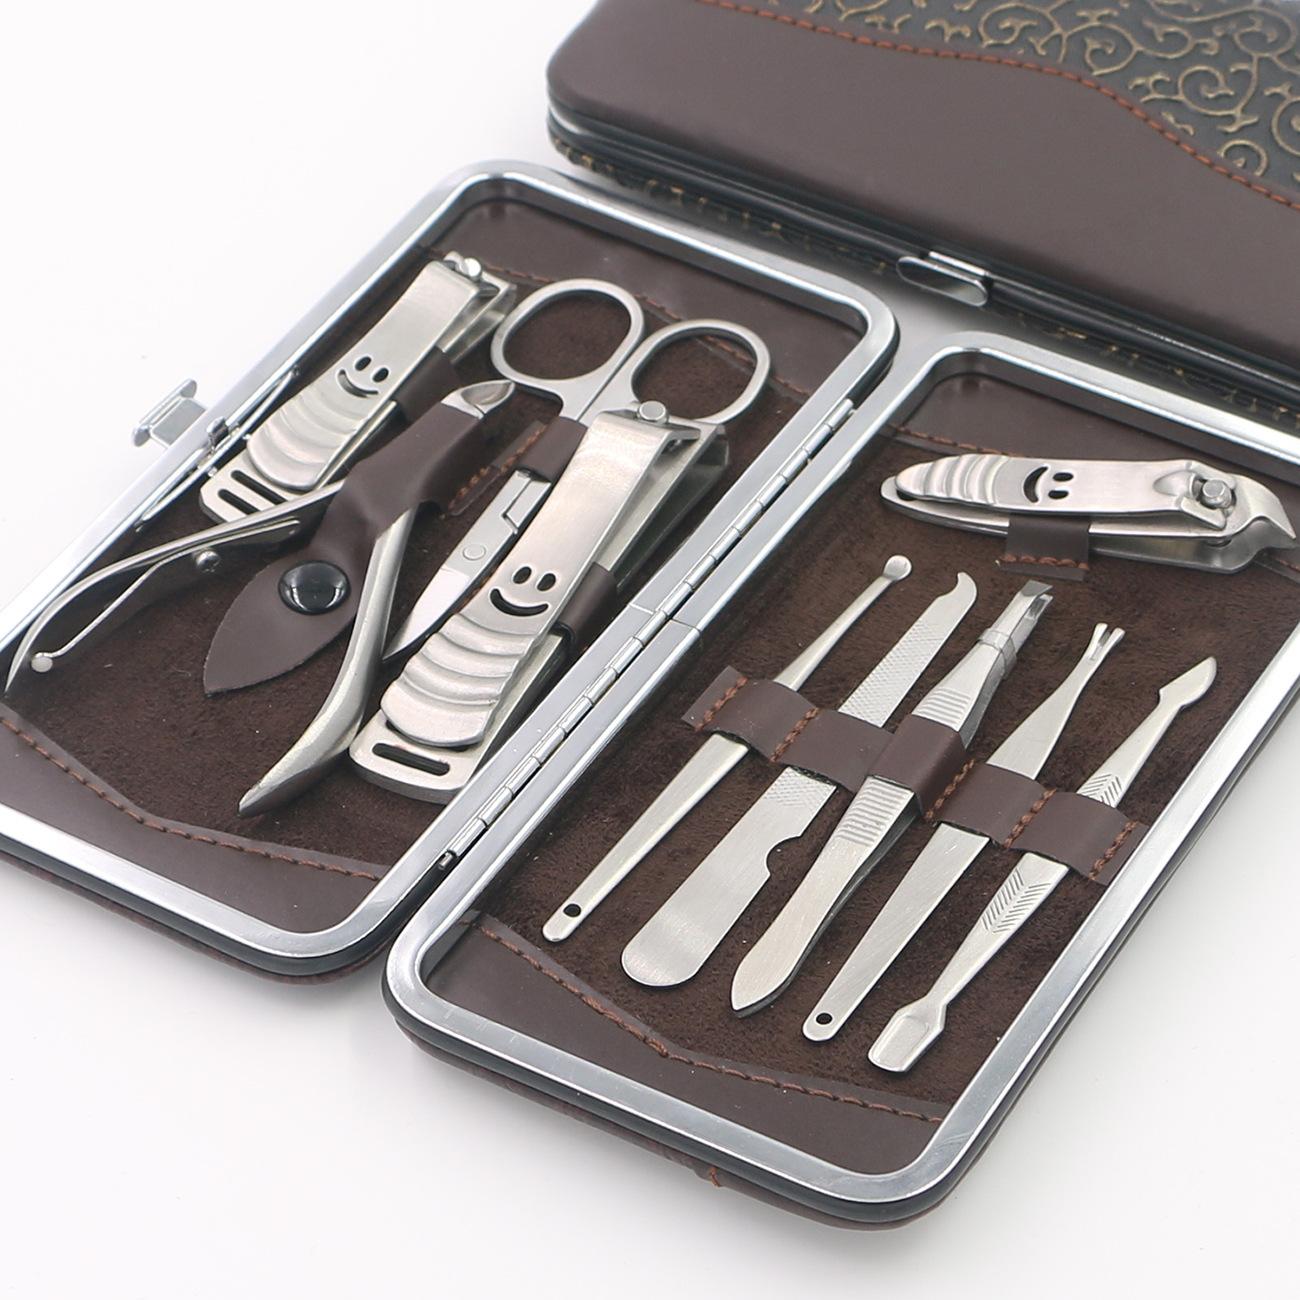 广告礼品 修容组 美容套装 修甲工具 指甲护理套装 女士套装1